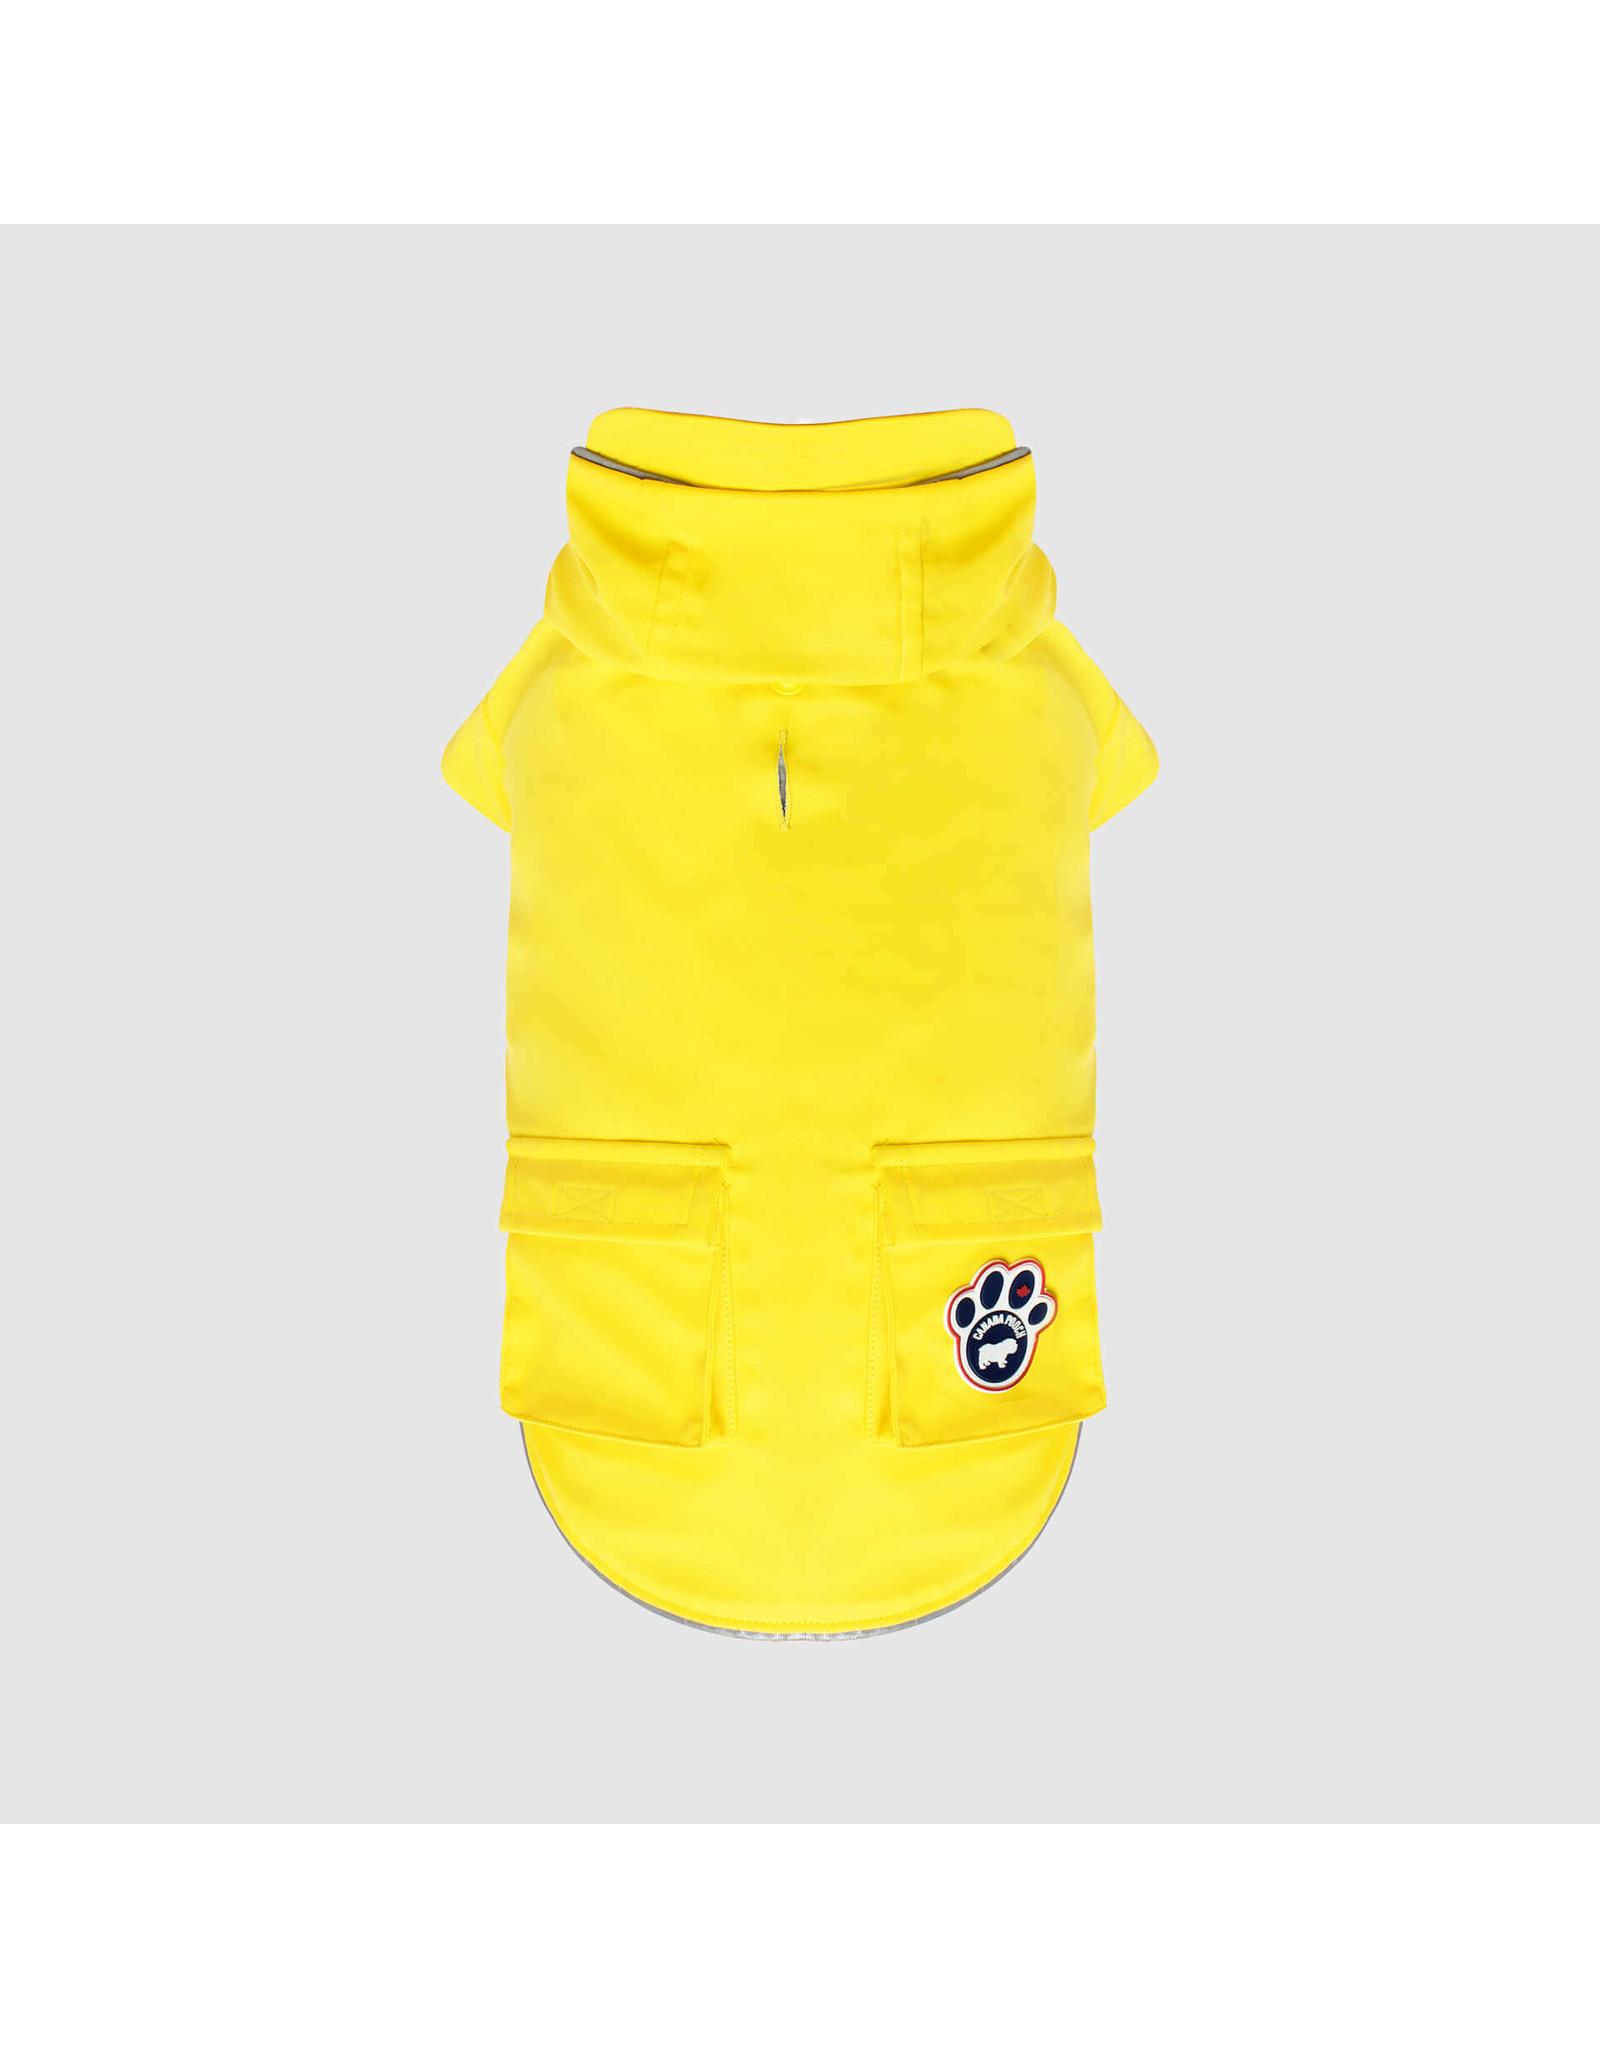 Canada Pooch CanadaPooch - TorrentialTracker Yellow 16